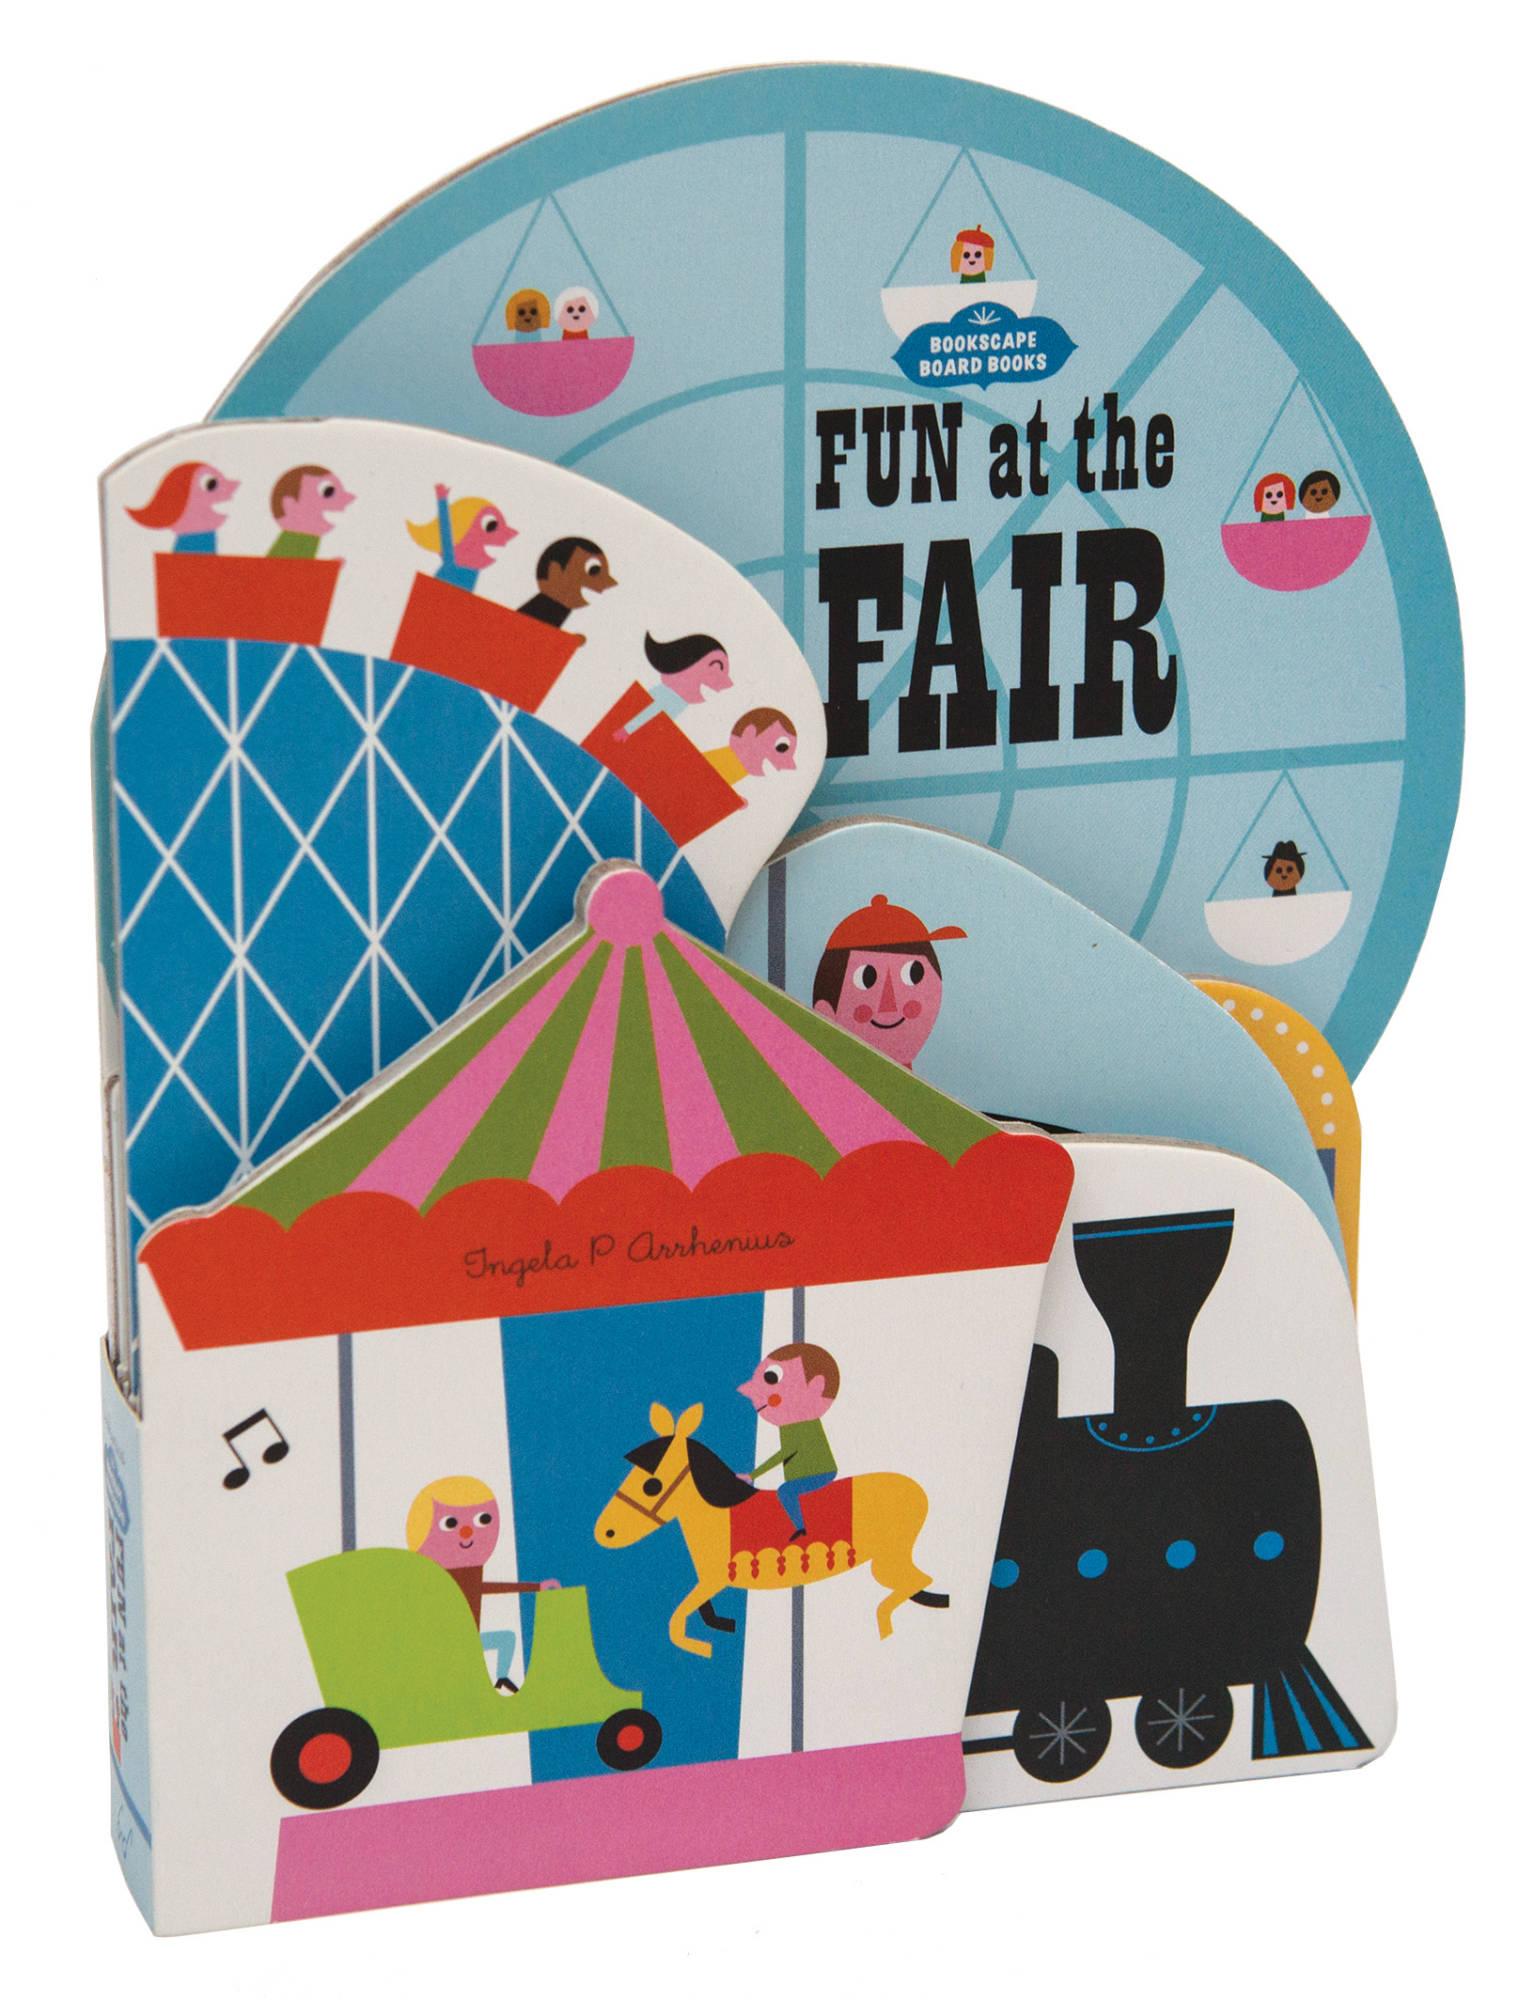 Ingela P Arrhenius - Bookscape Board Books: Fun at the Fair